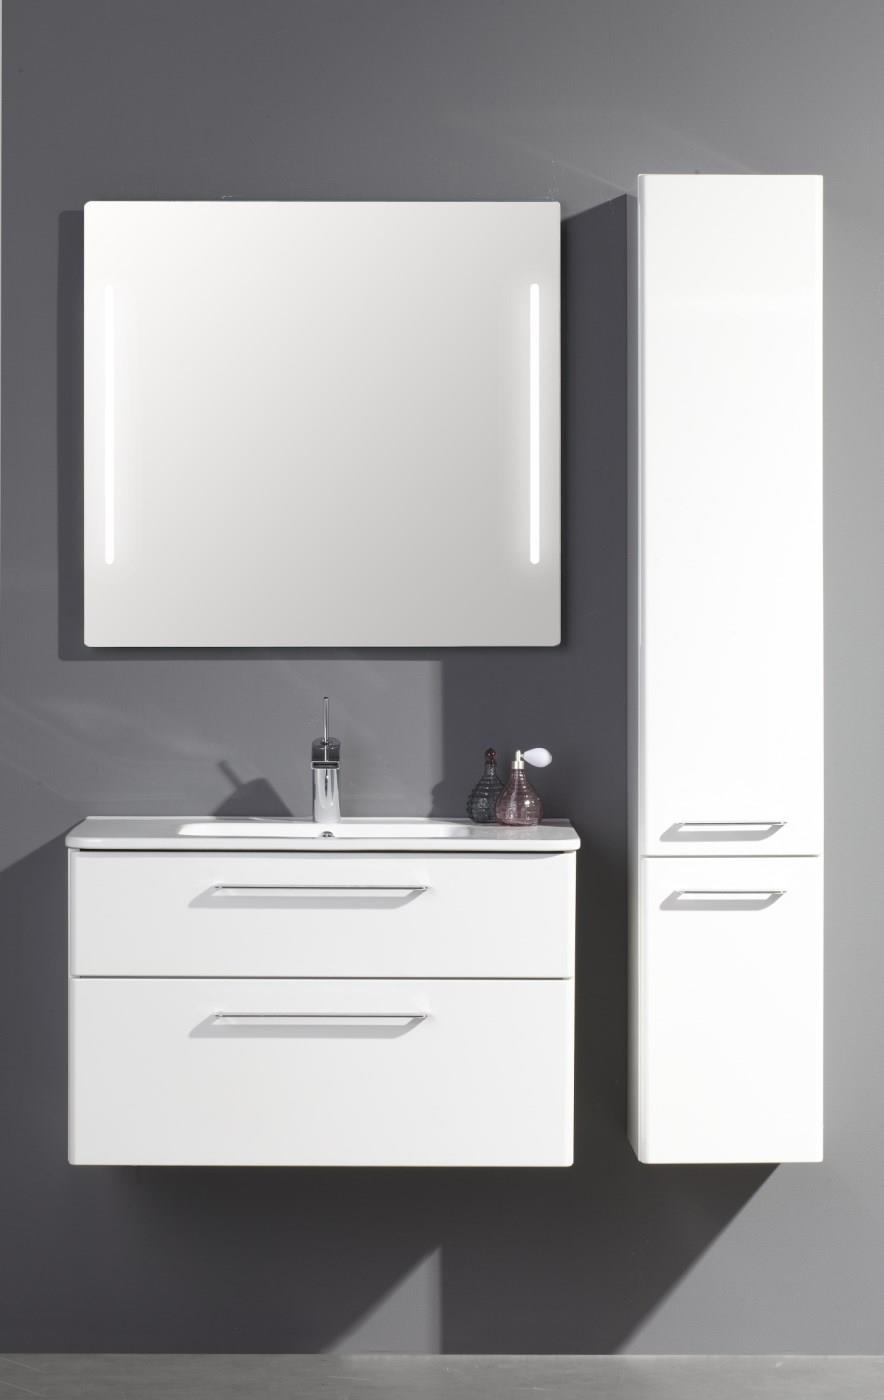 Badezimmer Unterschrank • Bilder & Ideen • COUCHstyle